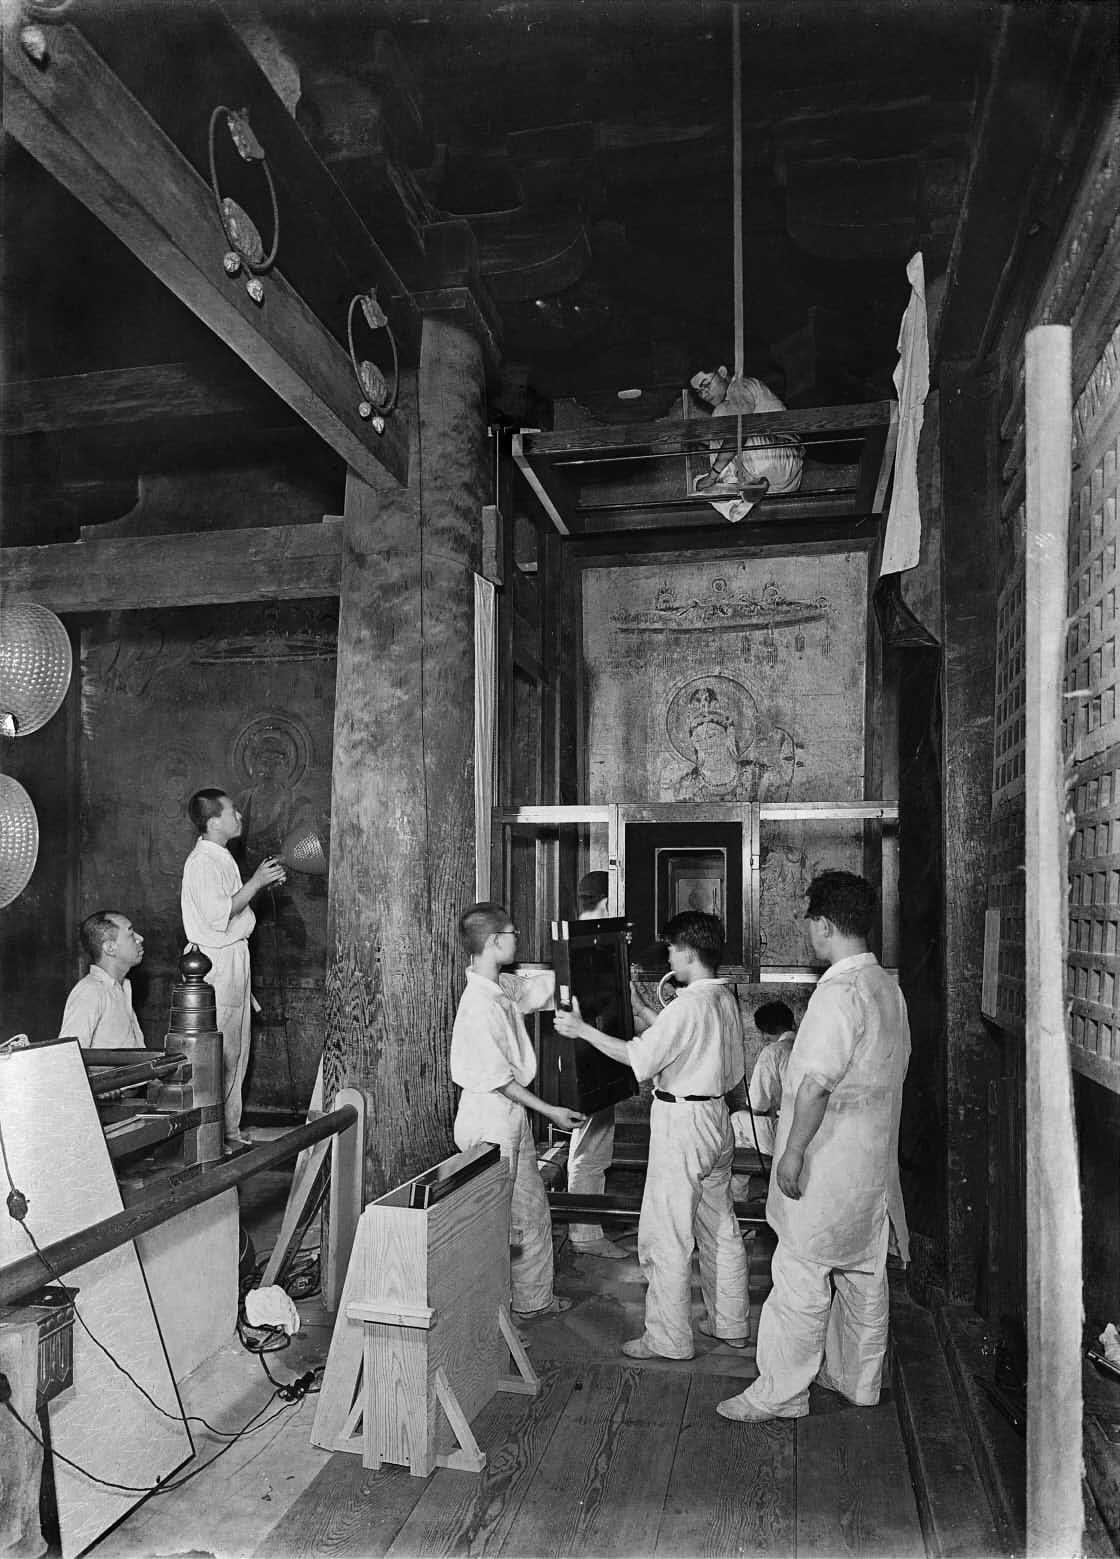 株式会社便利堂・法隆寺金堂壁画撮影の様子(1935年)